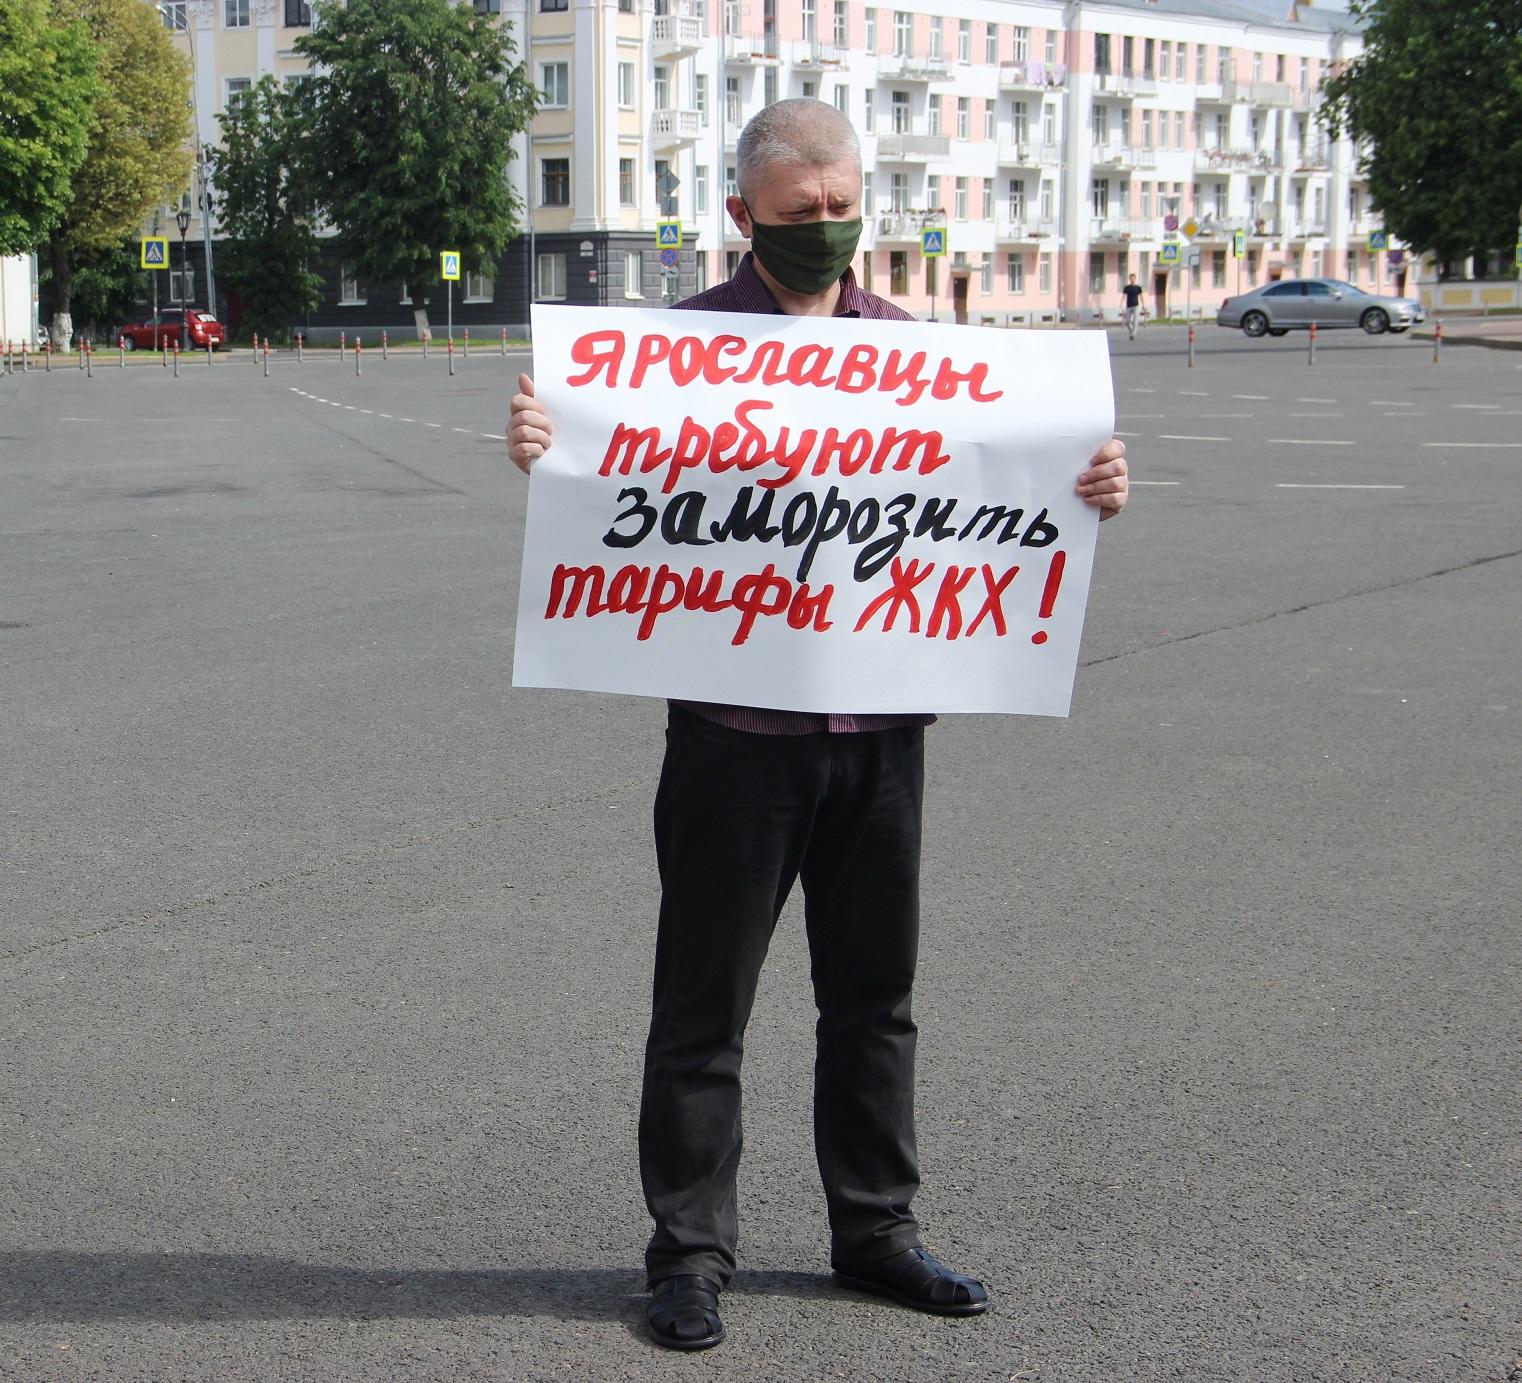 Россияне призвали ввести запрет на повышение тарифов на фоне кризиса